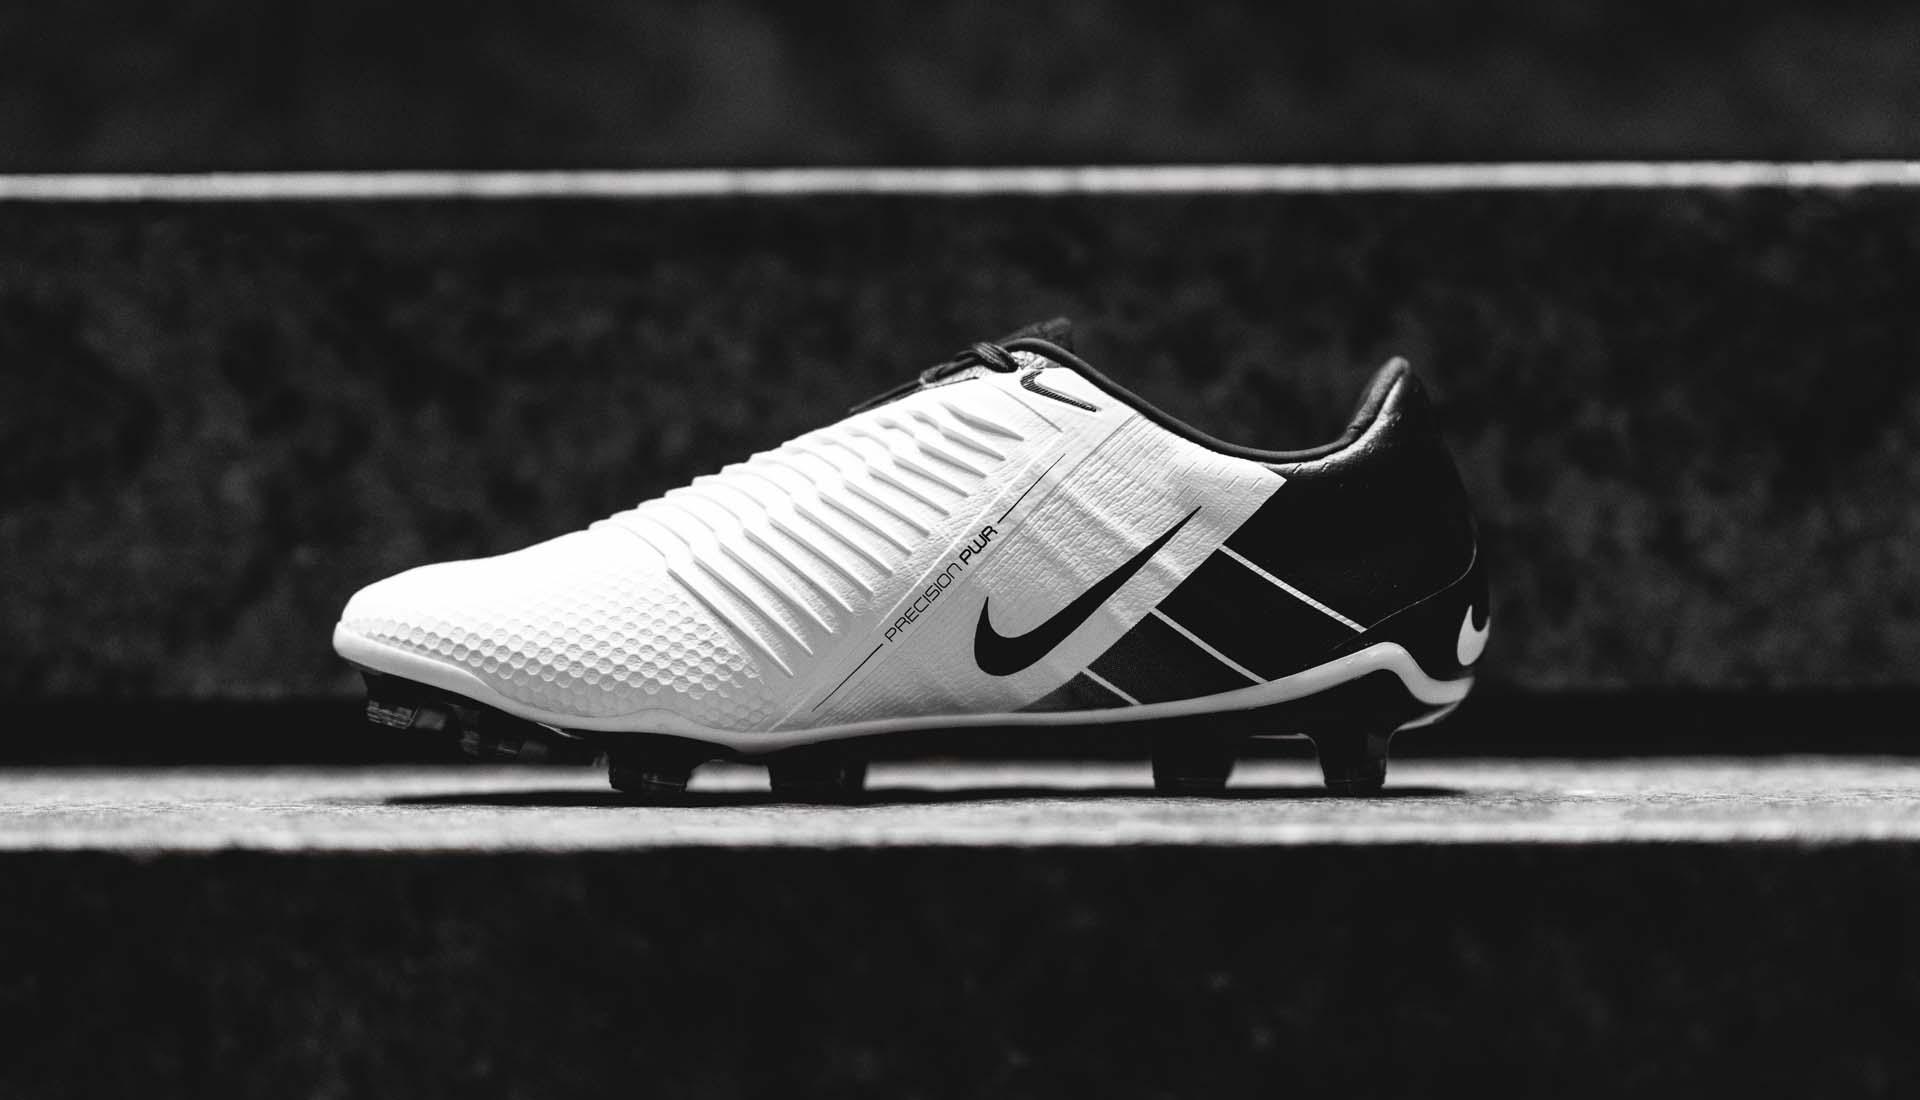 Má trong của Nike Phantom VNM với thiết kế vân nổi 3D hỗ trợ sút bóng tốt